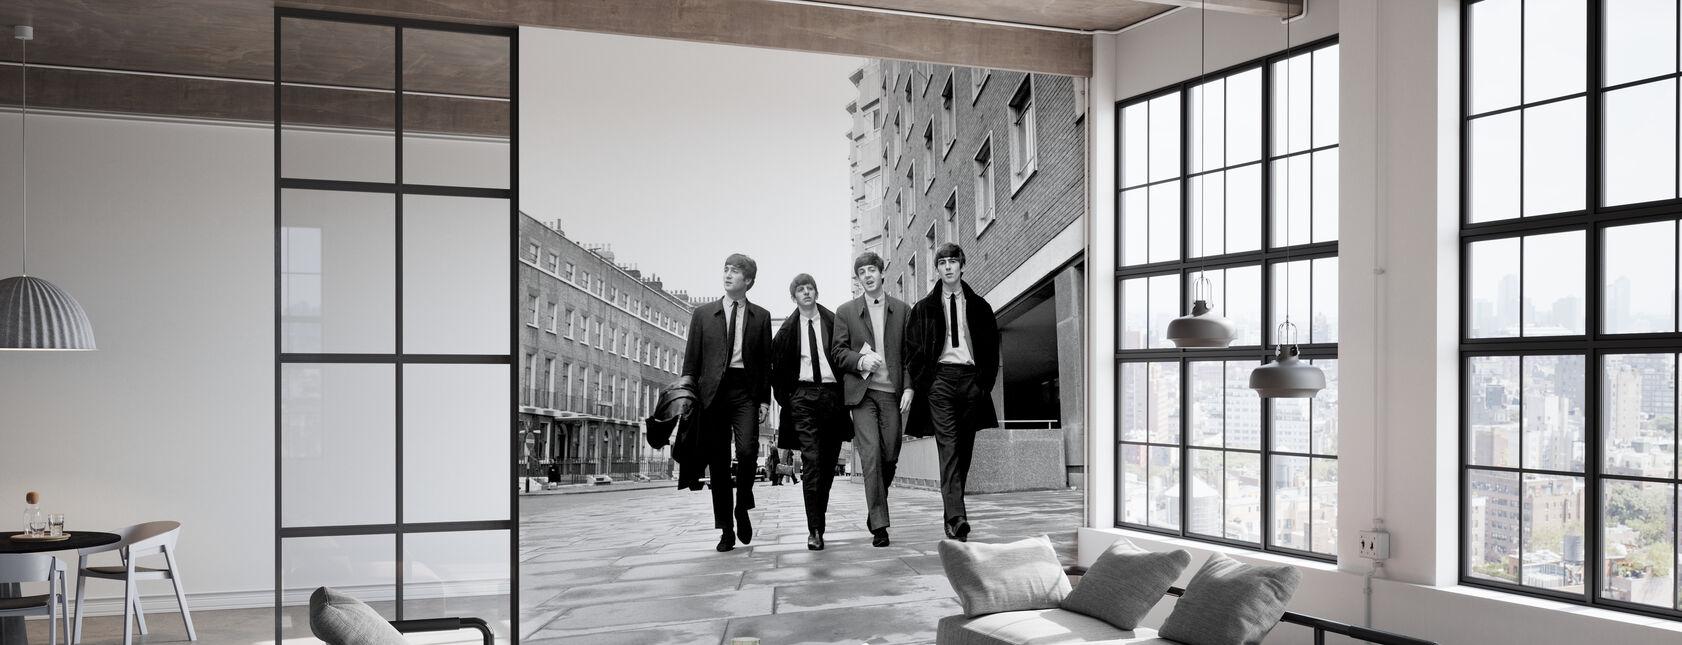 De Beatles - Trottoir - Behang - Kantoor